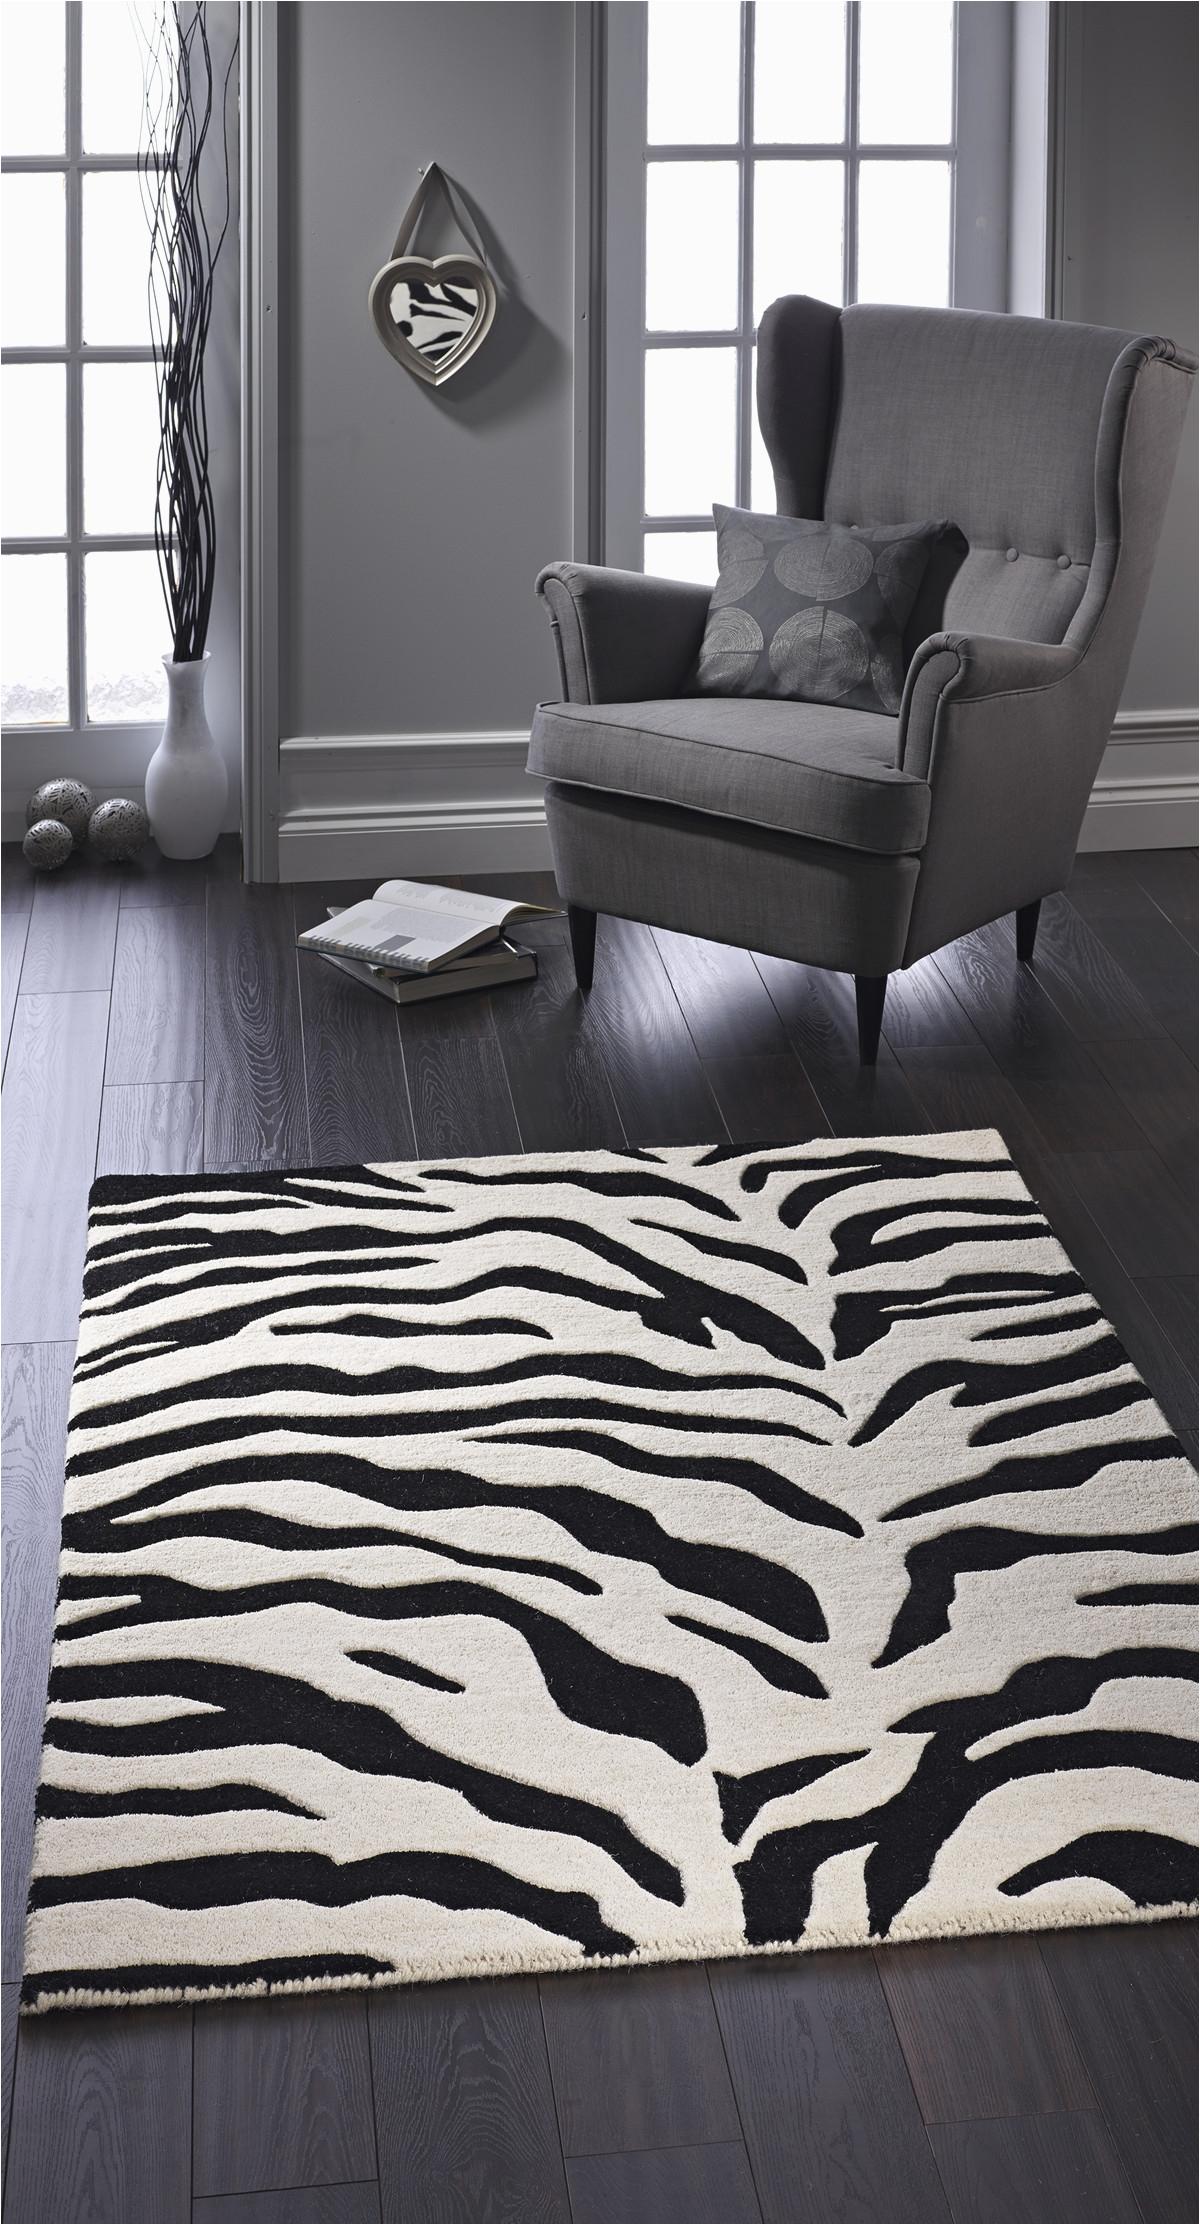 area rug with zebra stripe pattern